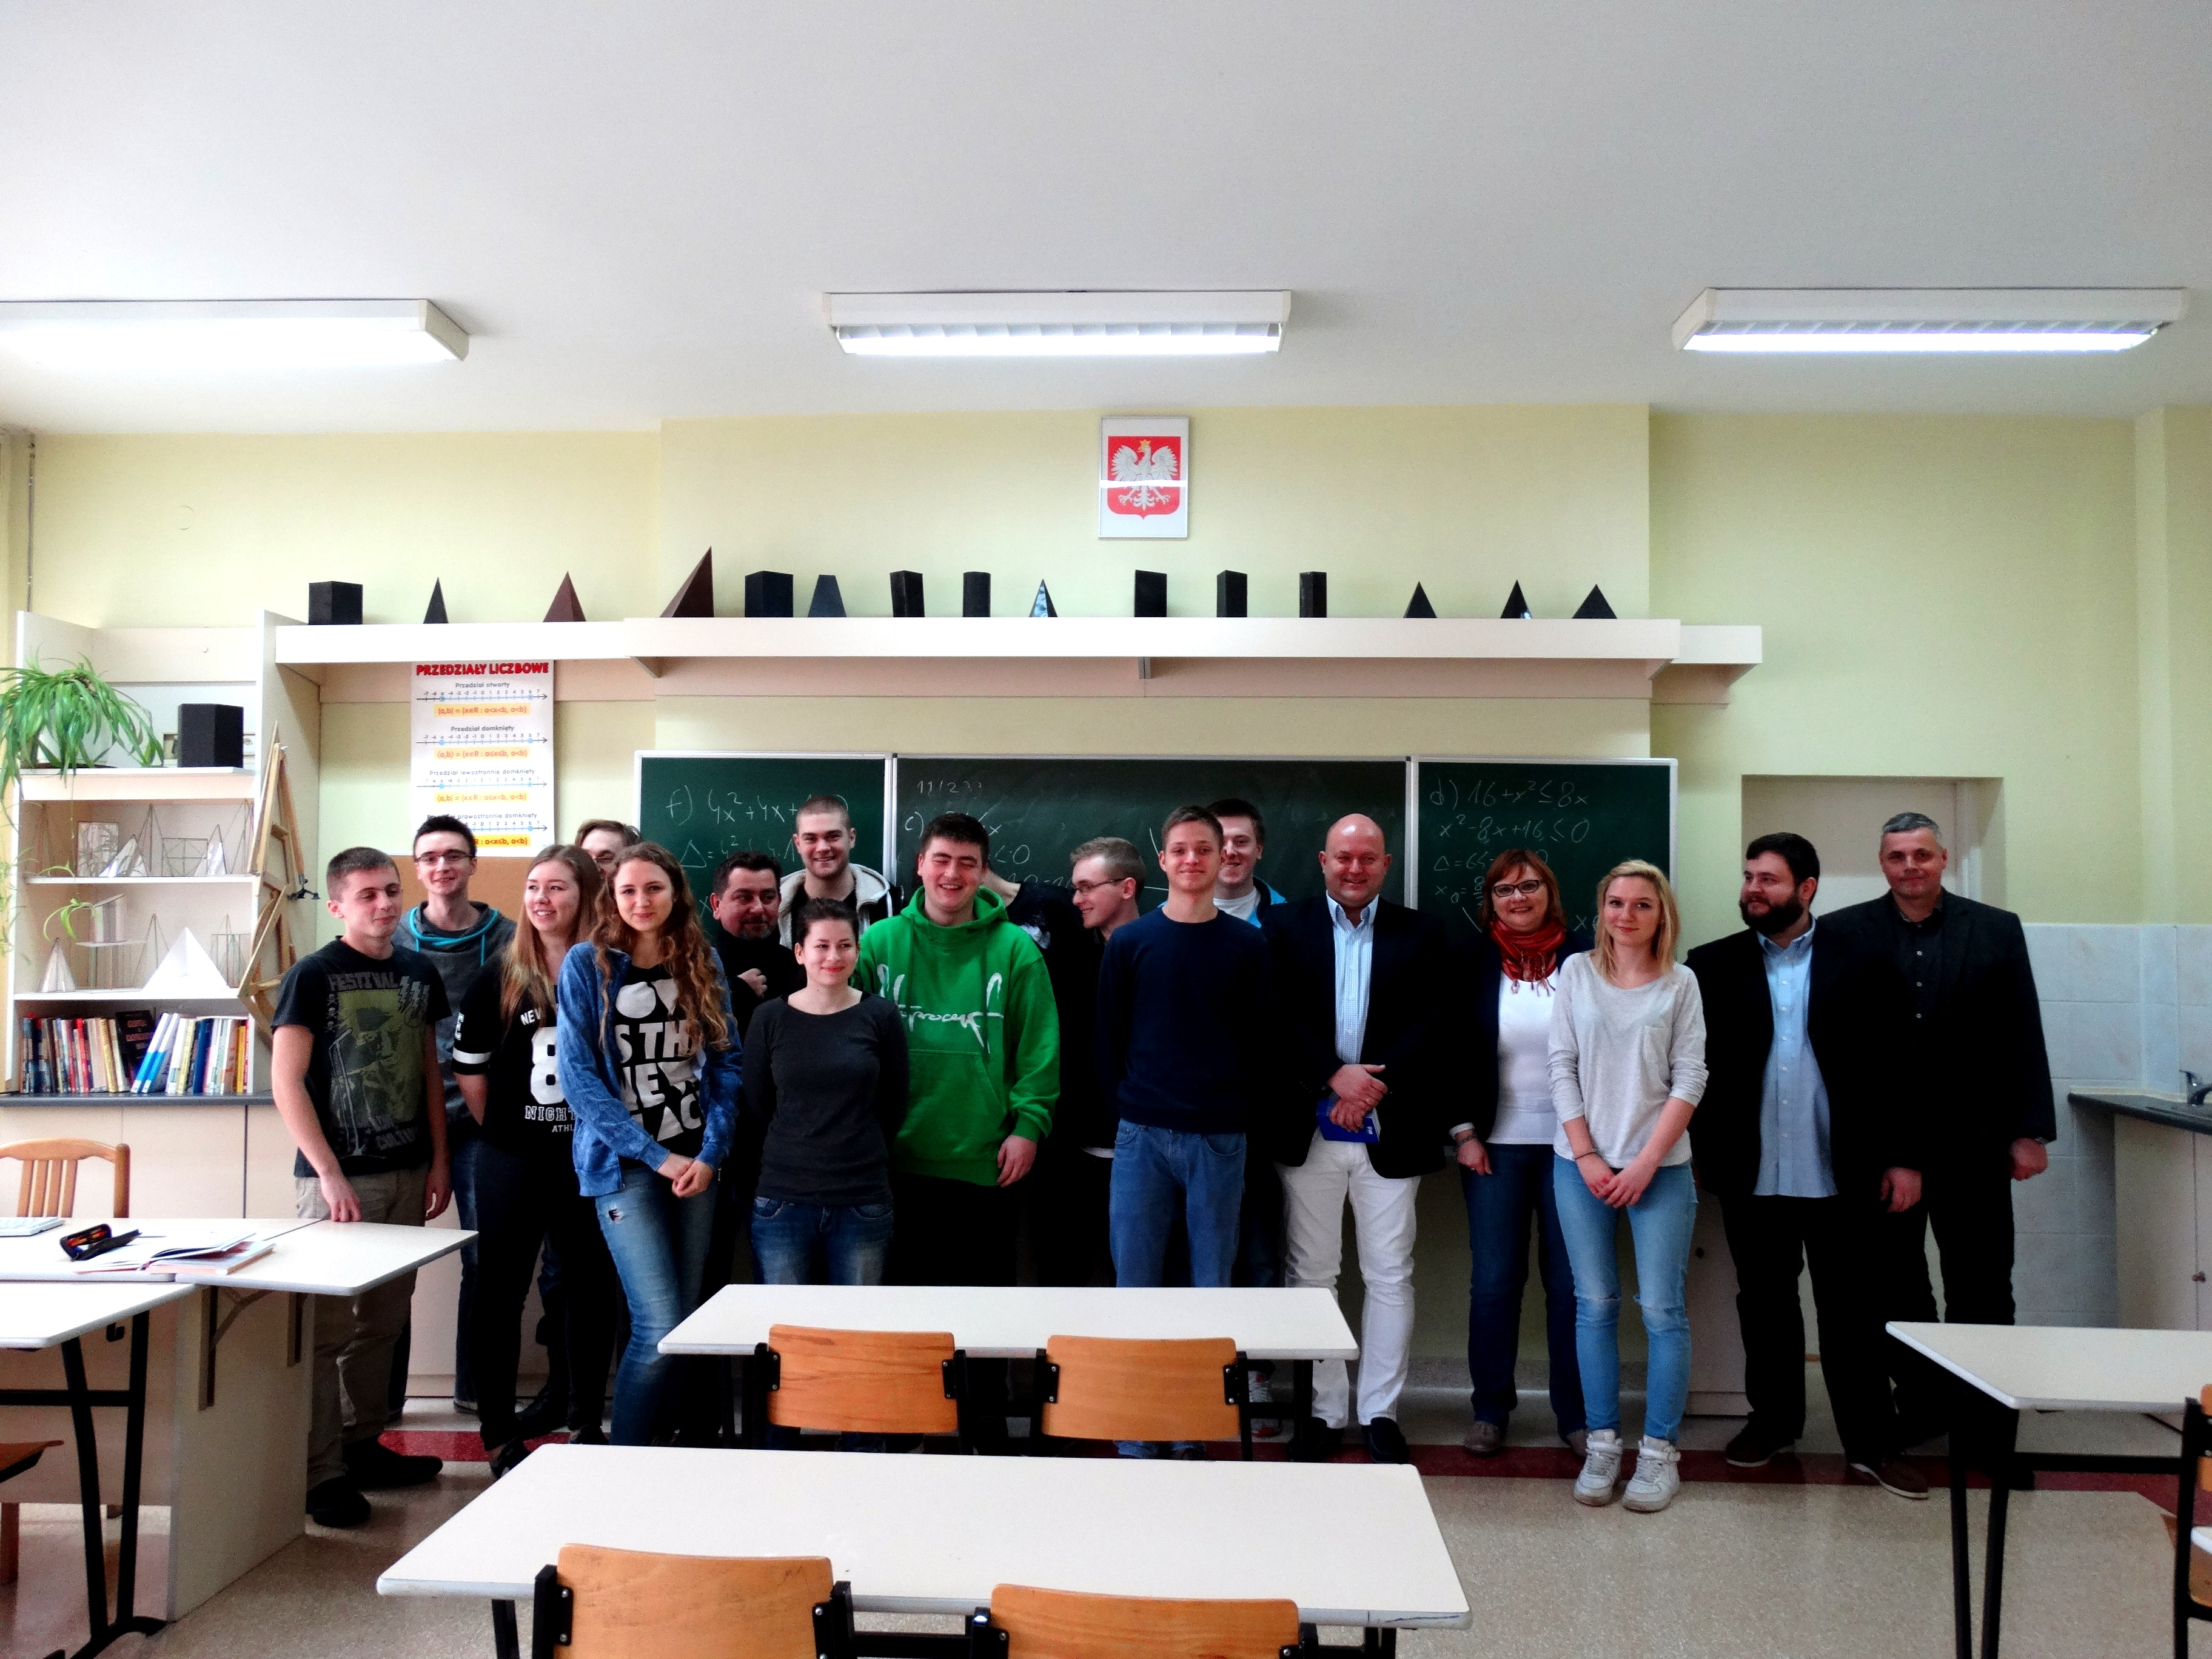 Zespół Szkół Ogólnokształcących i Technicznych w Ustce pod patronatem ISSA.